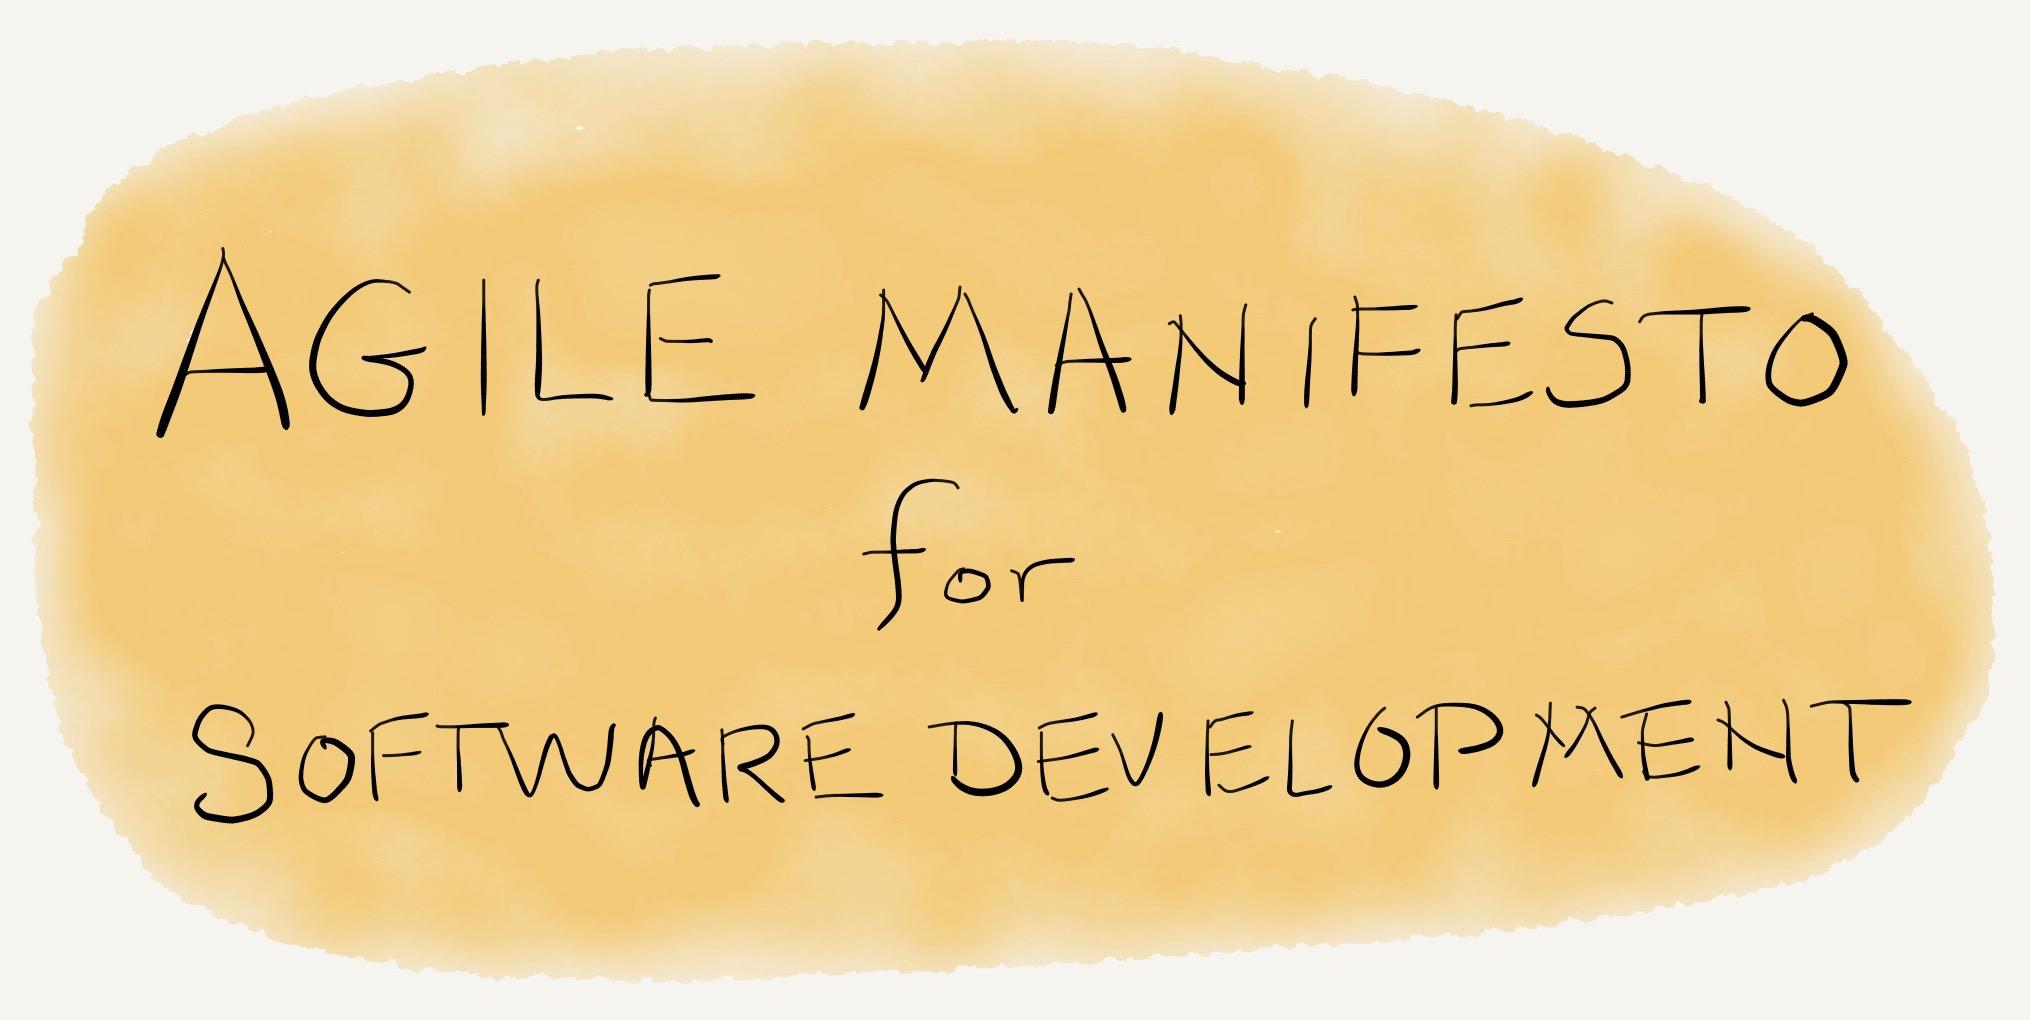 AgileManifeston.jpg